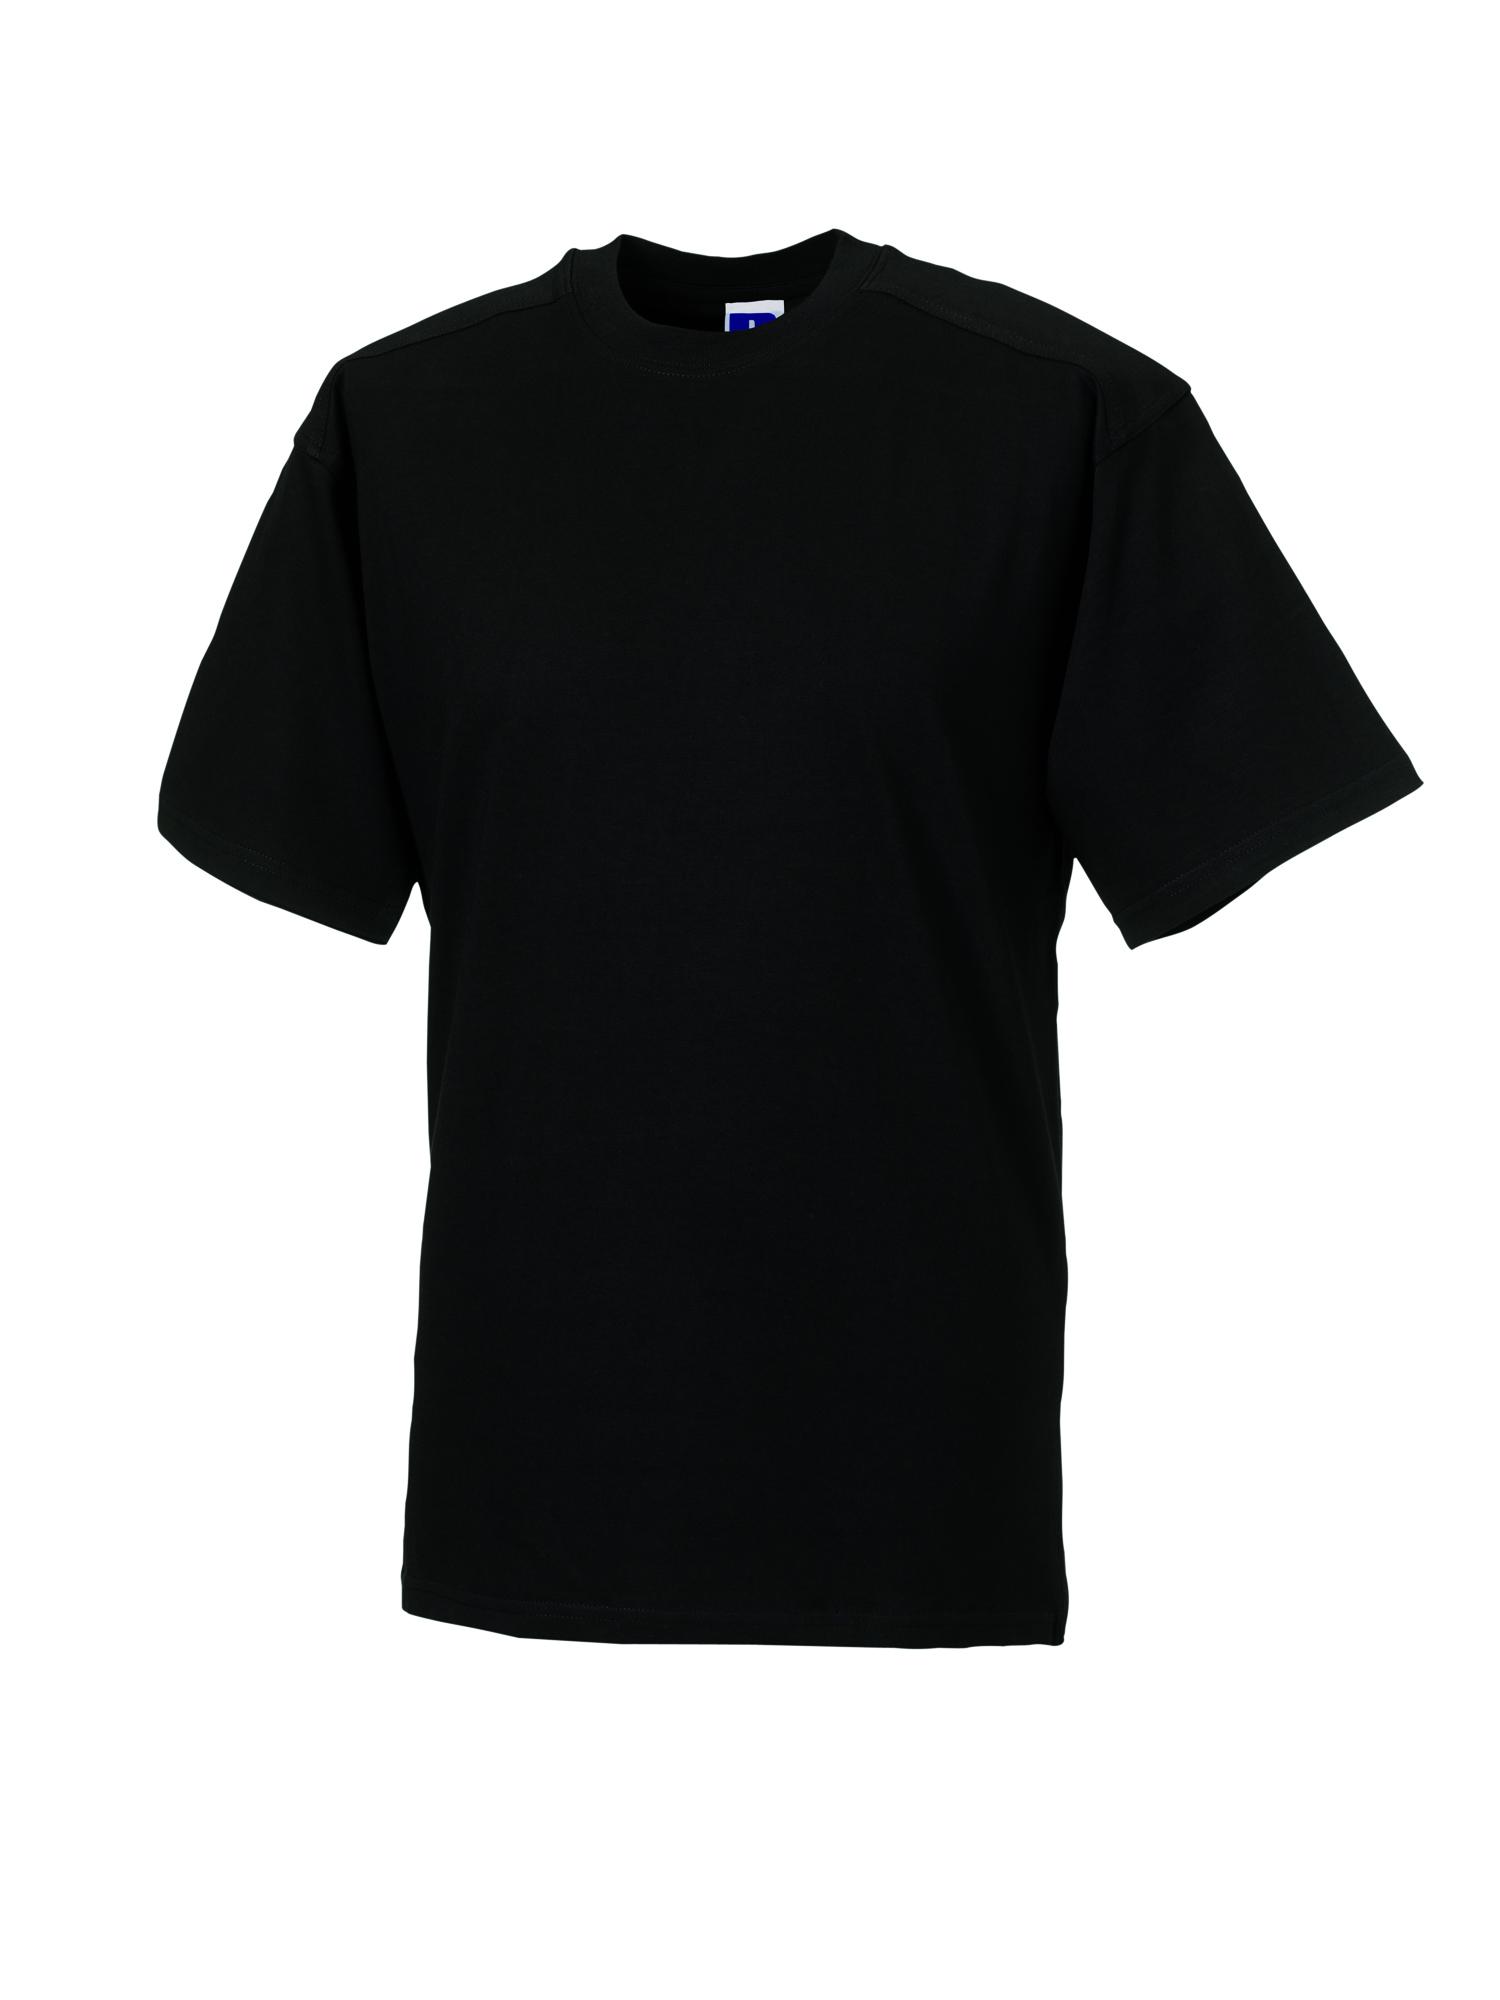 Heavy Duty T-Shirt - Bottle Green - XS